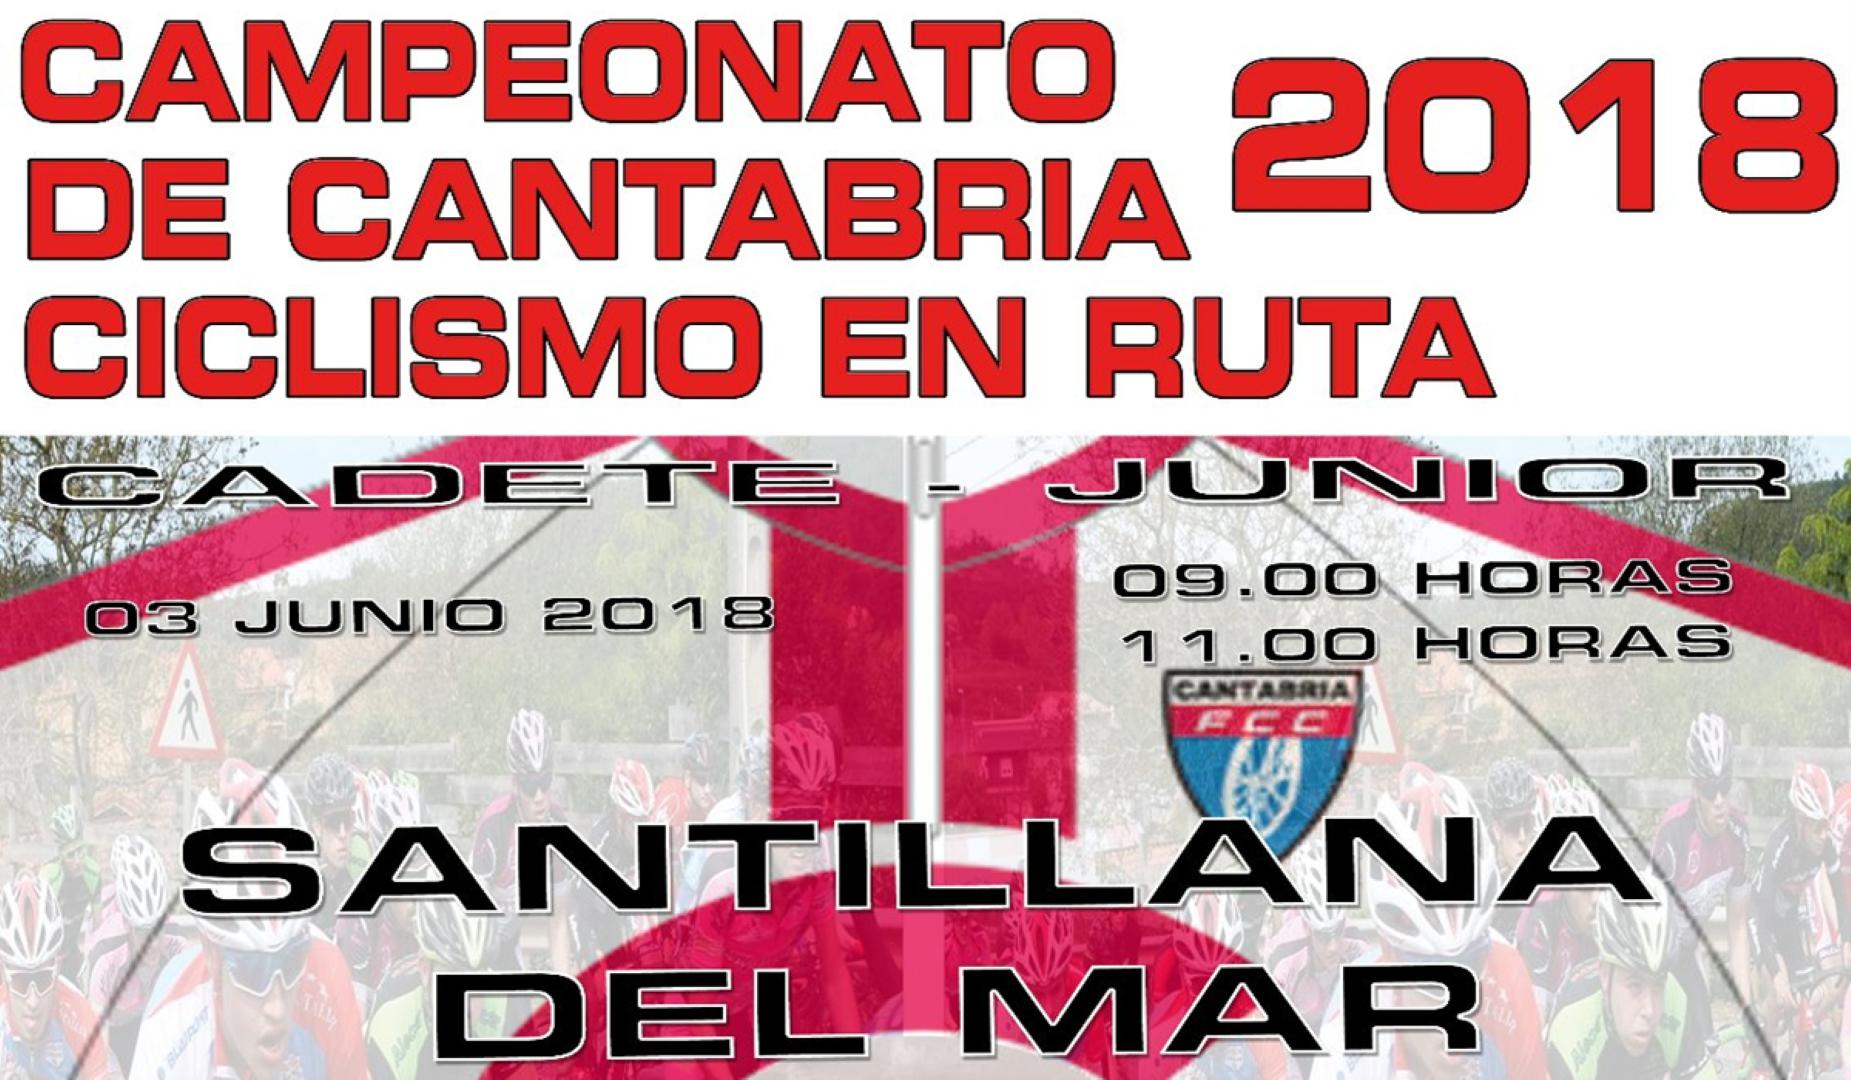 Campeonato de Cantabria ciclismo en Ruta 2018